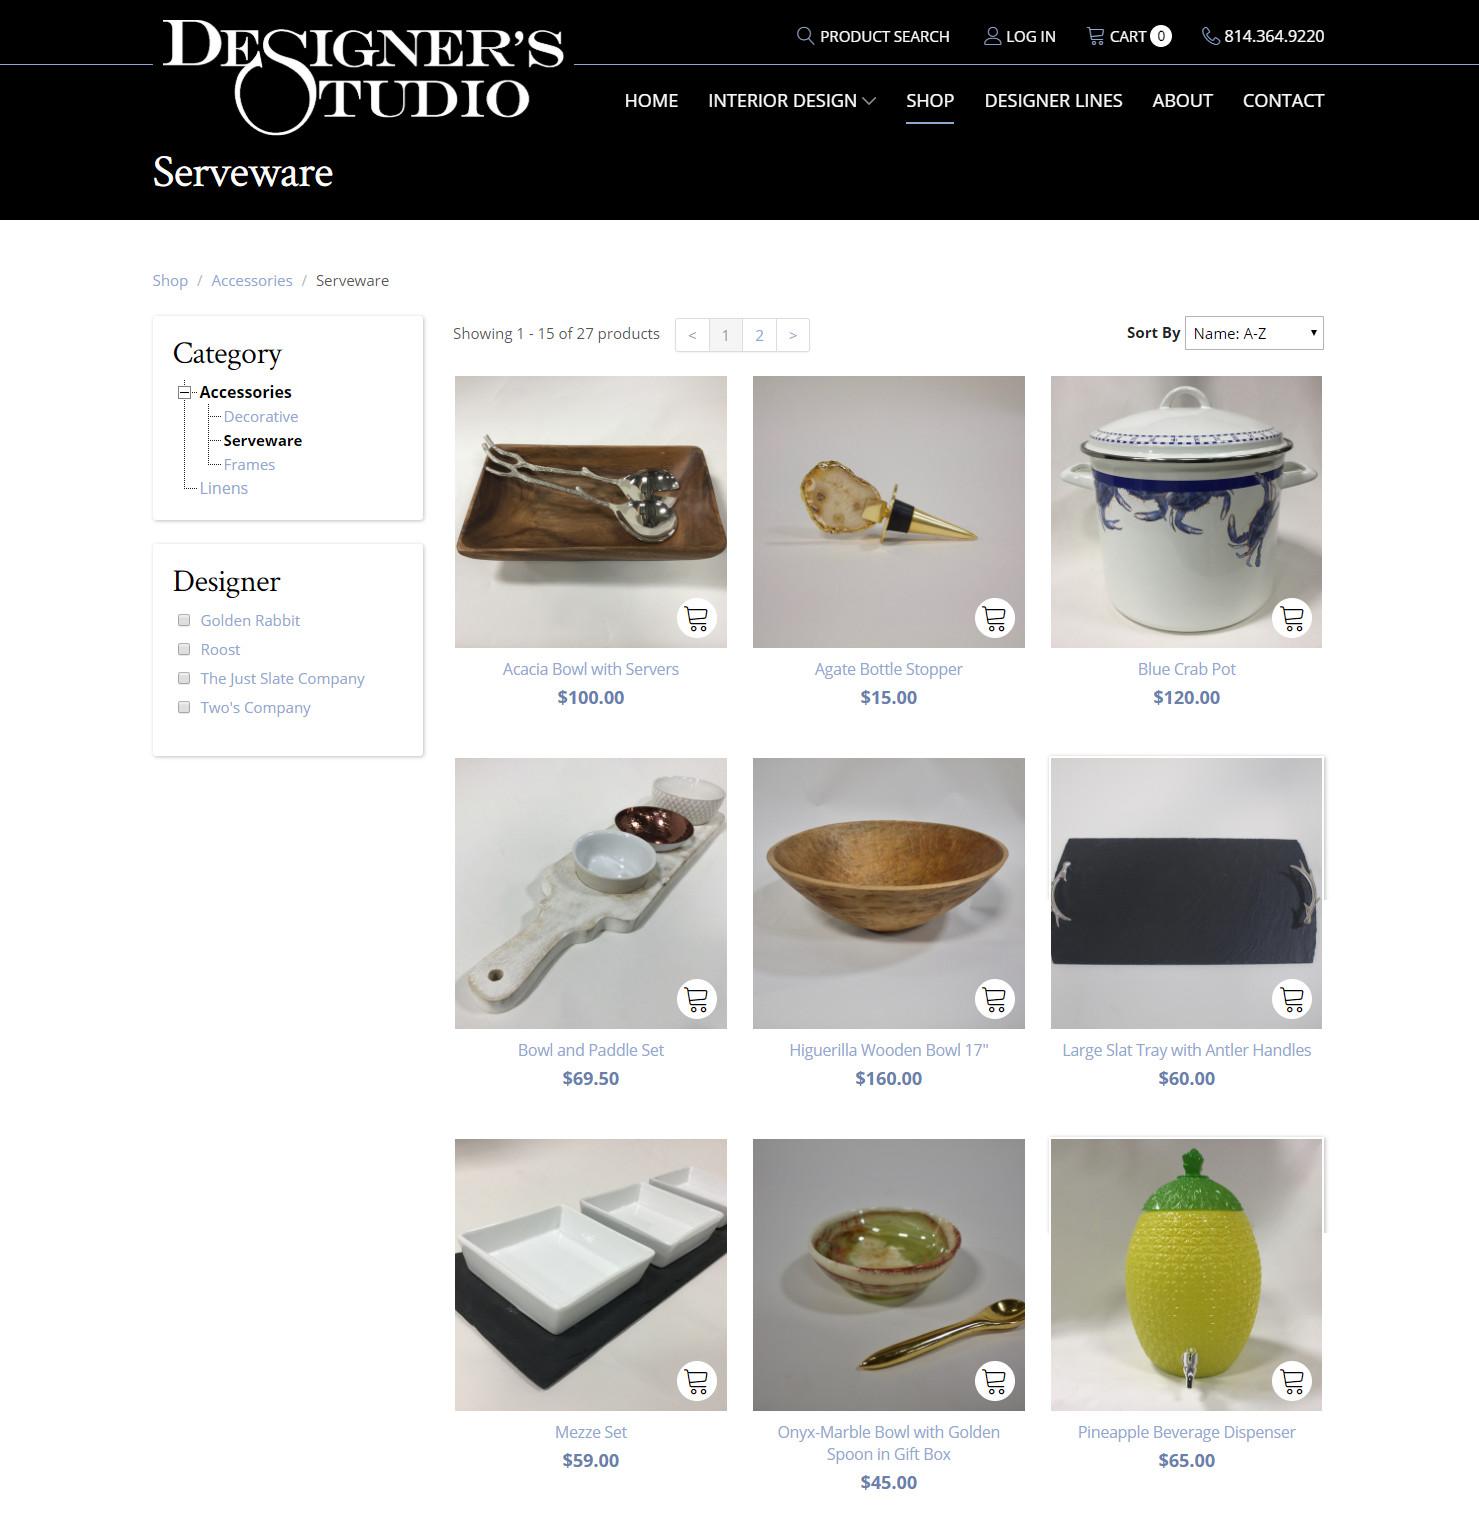 Designer's Studio online store